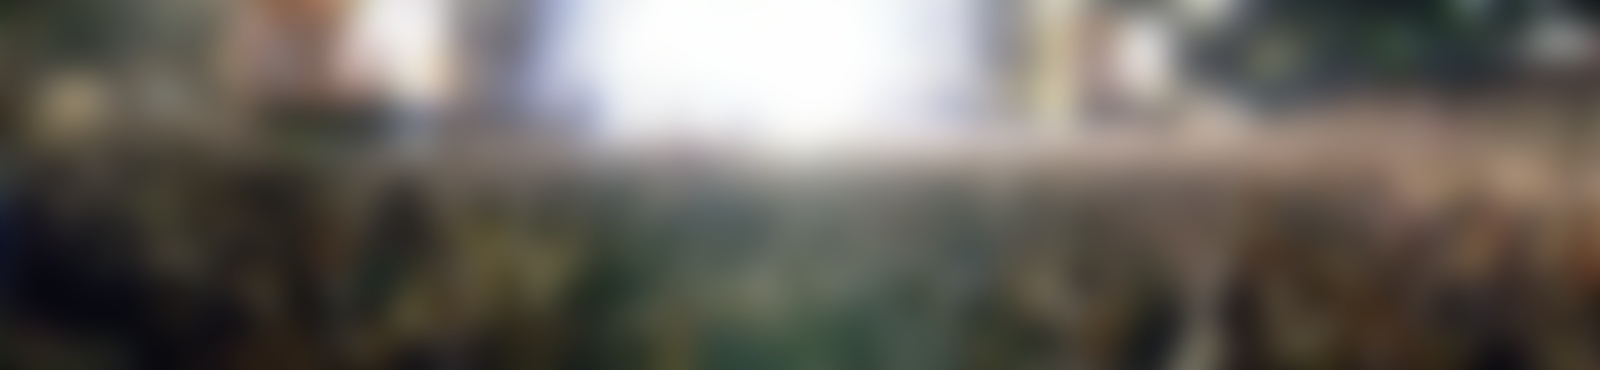 Blurred ifa  1000